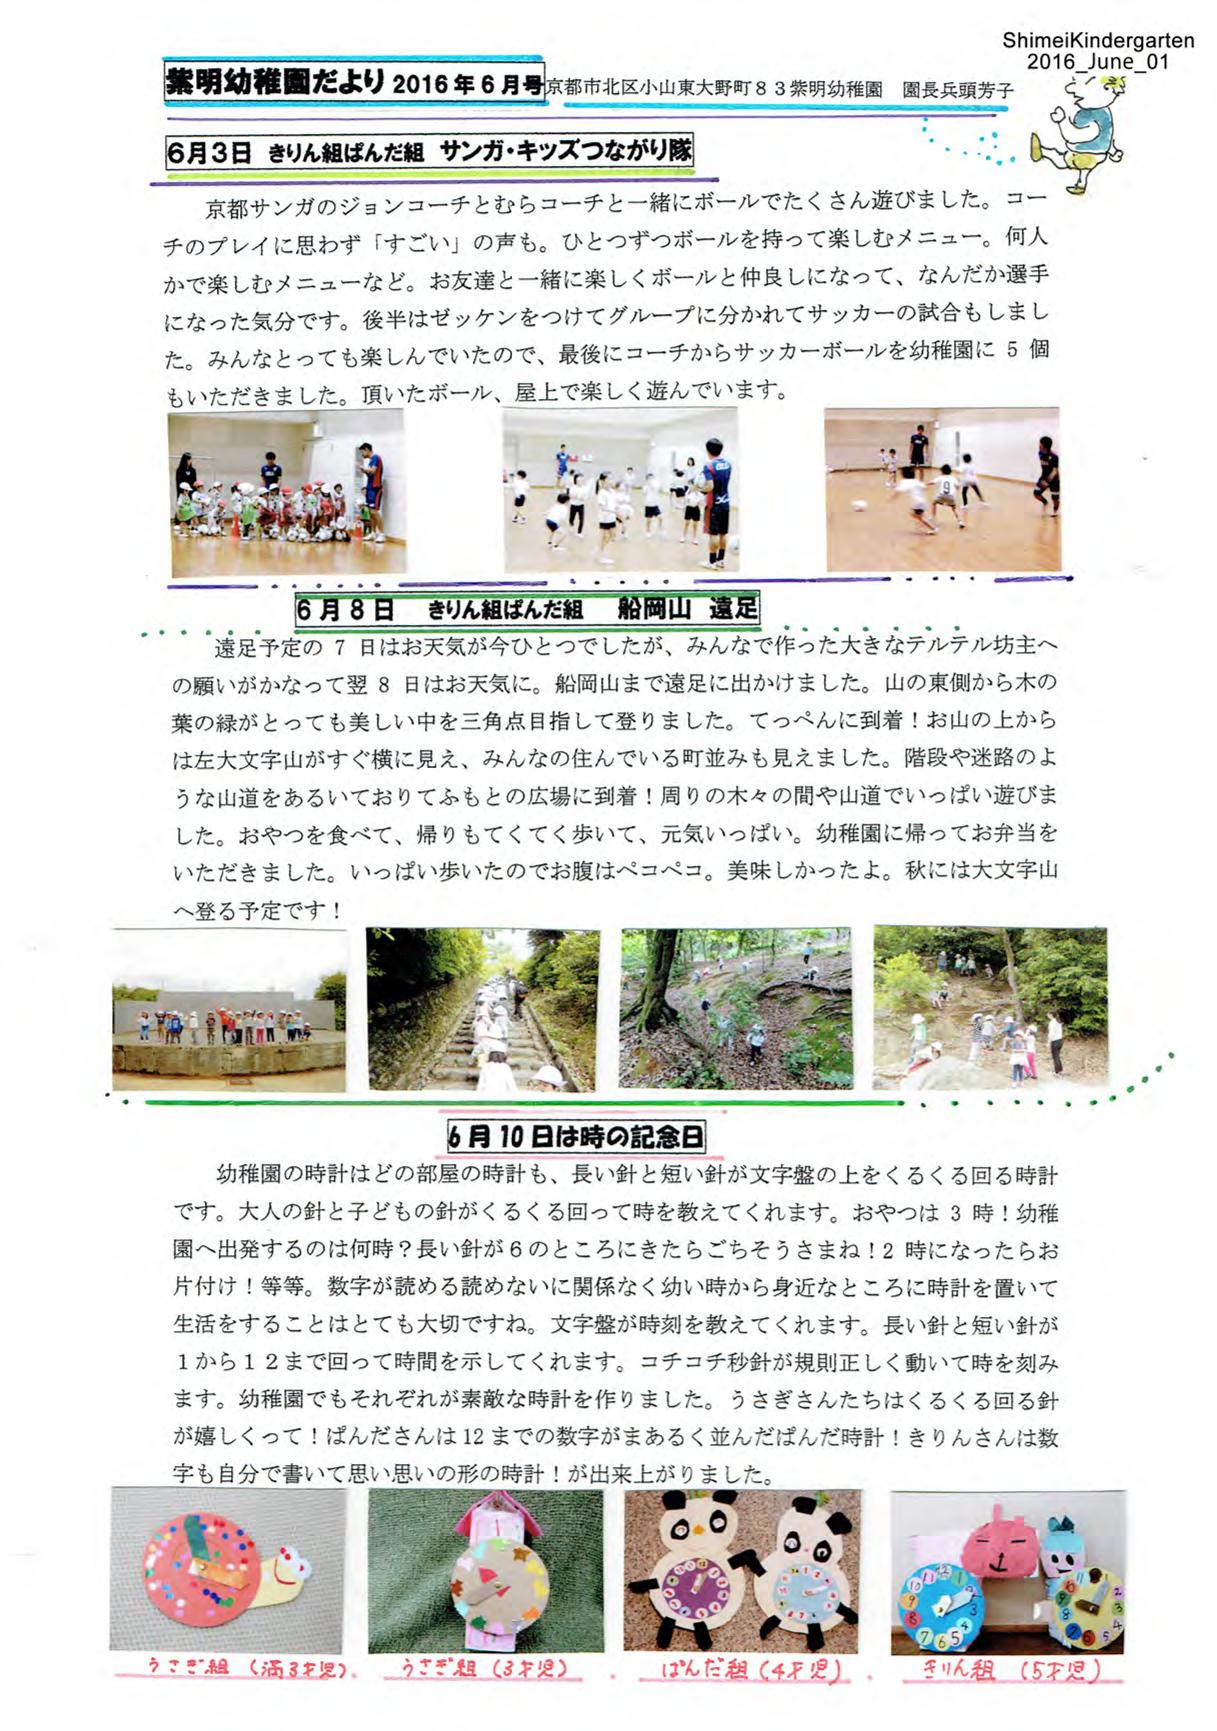 園だより(2016年6月)